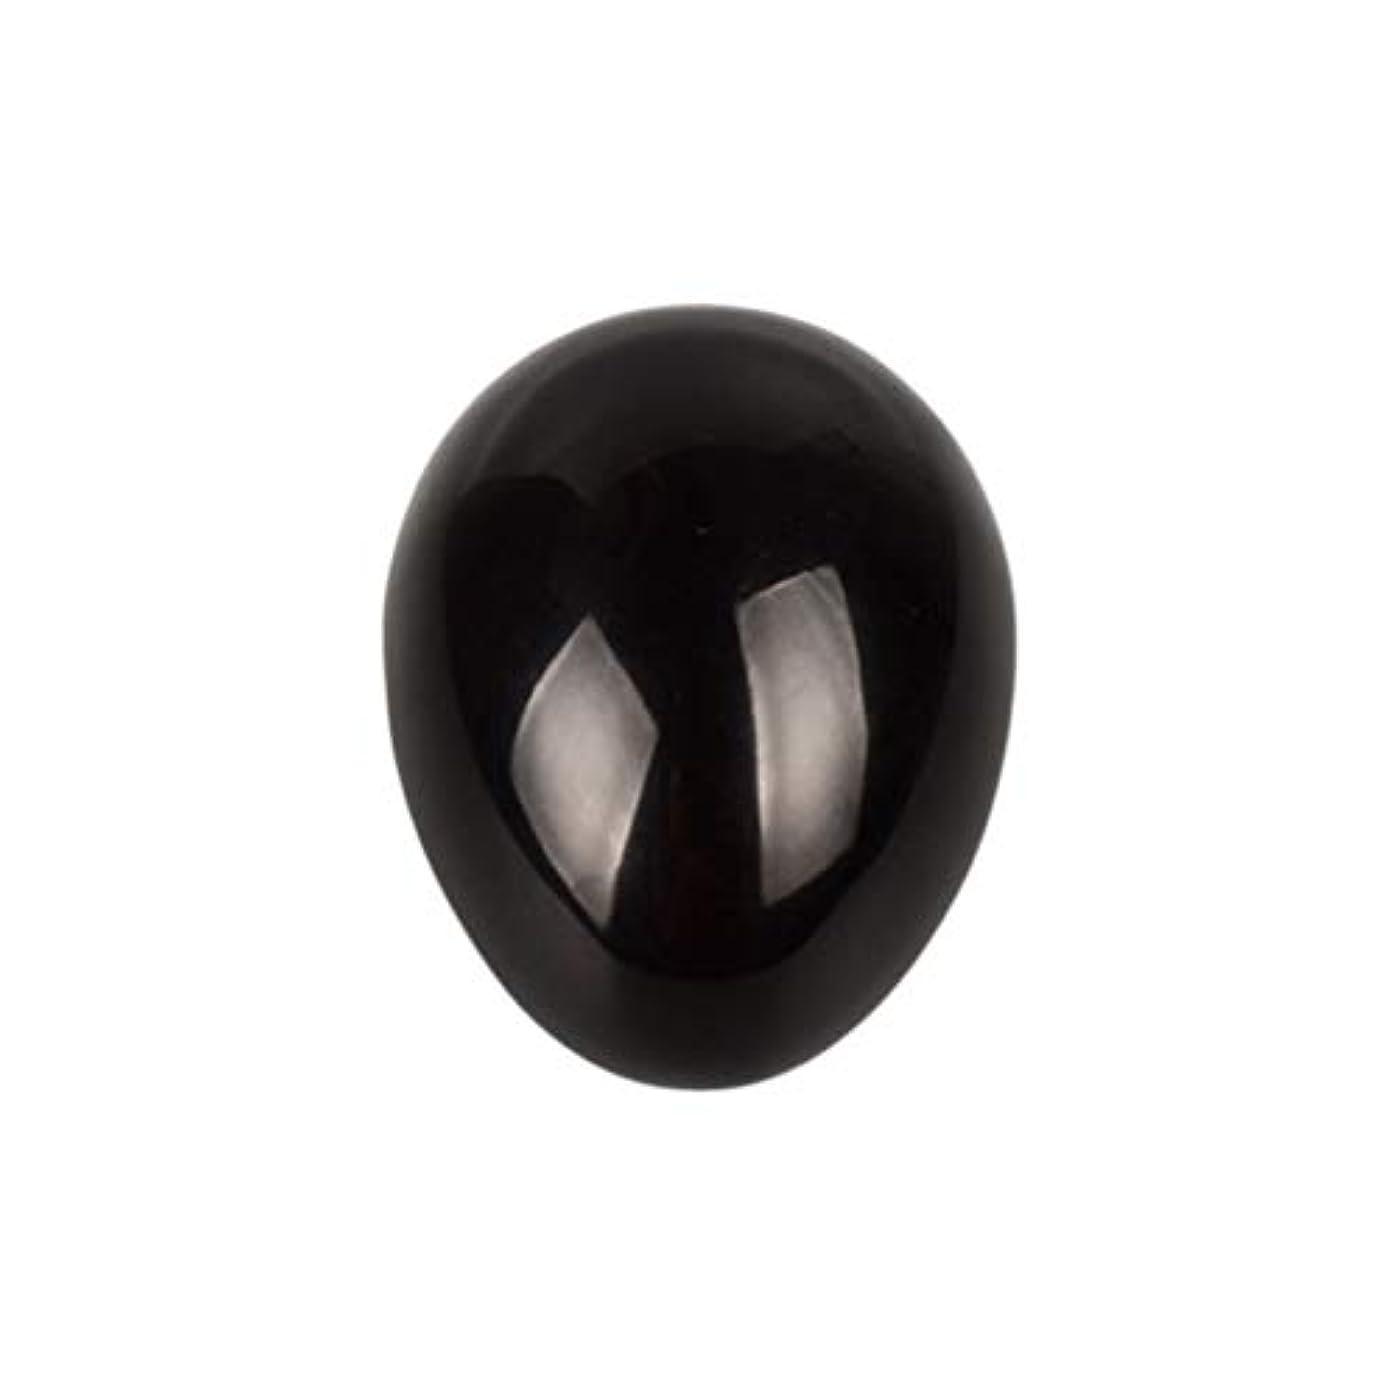 ミキサー乱す打たれたトラックSUPVOX 45×30×30ミリメートルのバランスをとる瞑想チャクラを癒すための黒曜石宝石用原石の卵球